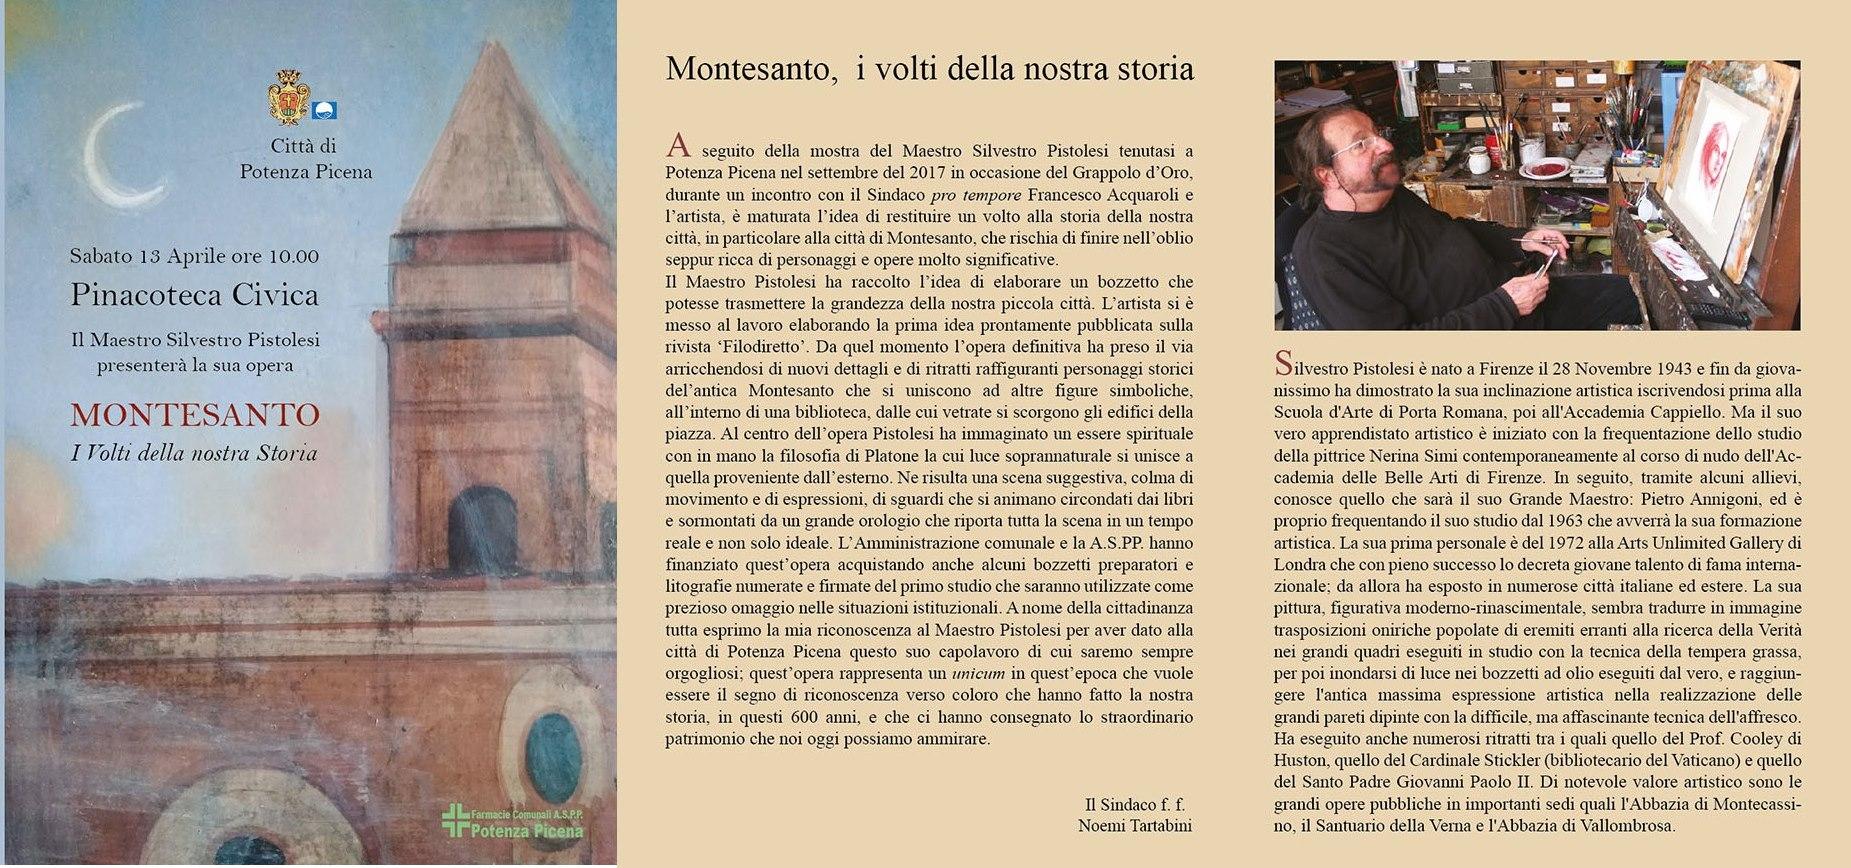 Presentazione Opera Aristica Silvestro Pistolesi